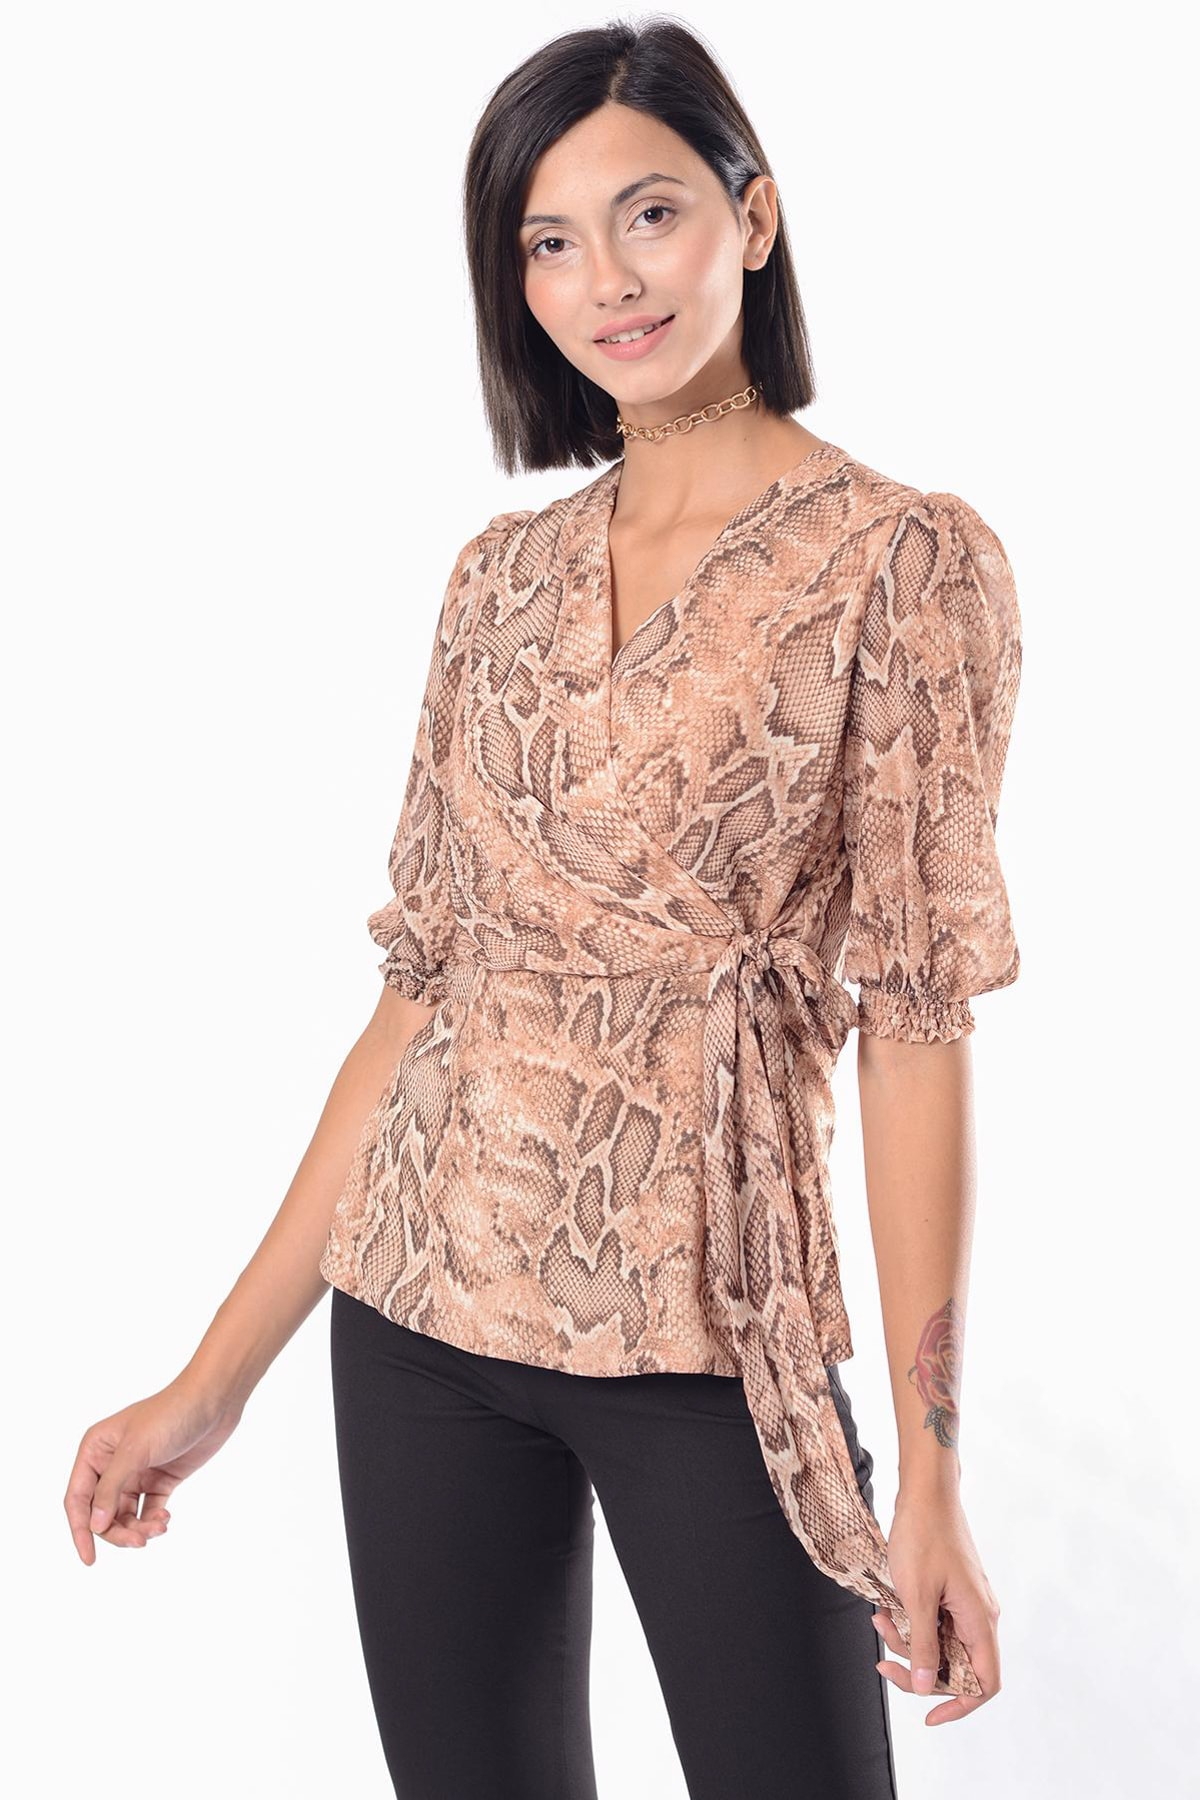 İroni Kadın Vizon Yılan Desenli Kruvaze Bluz 3999-1309 1